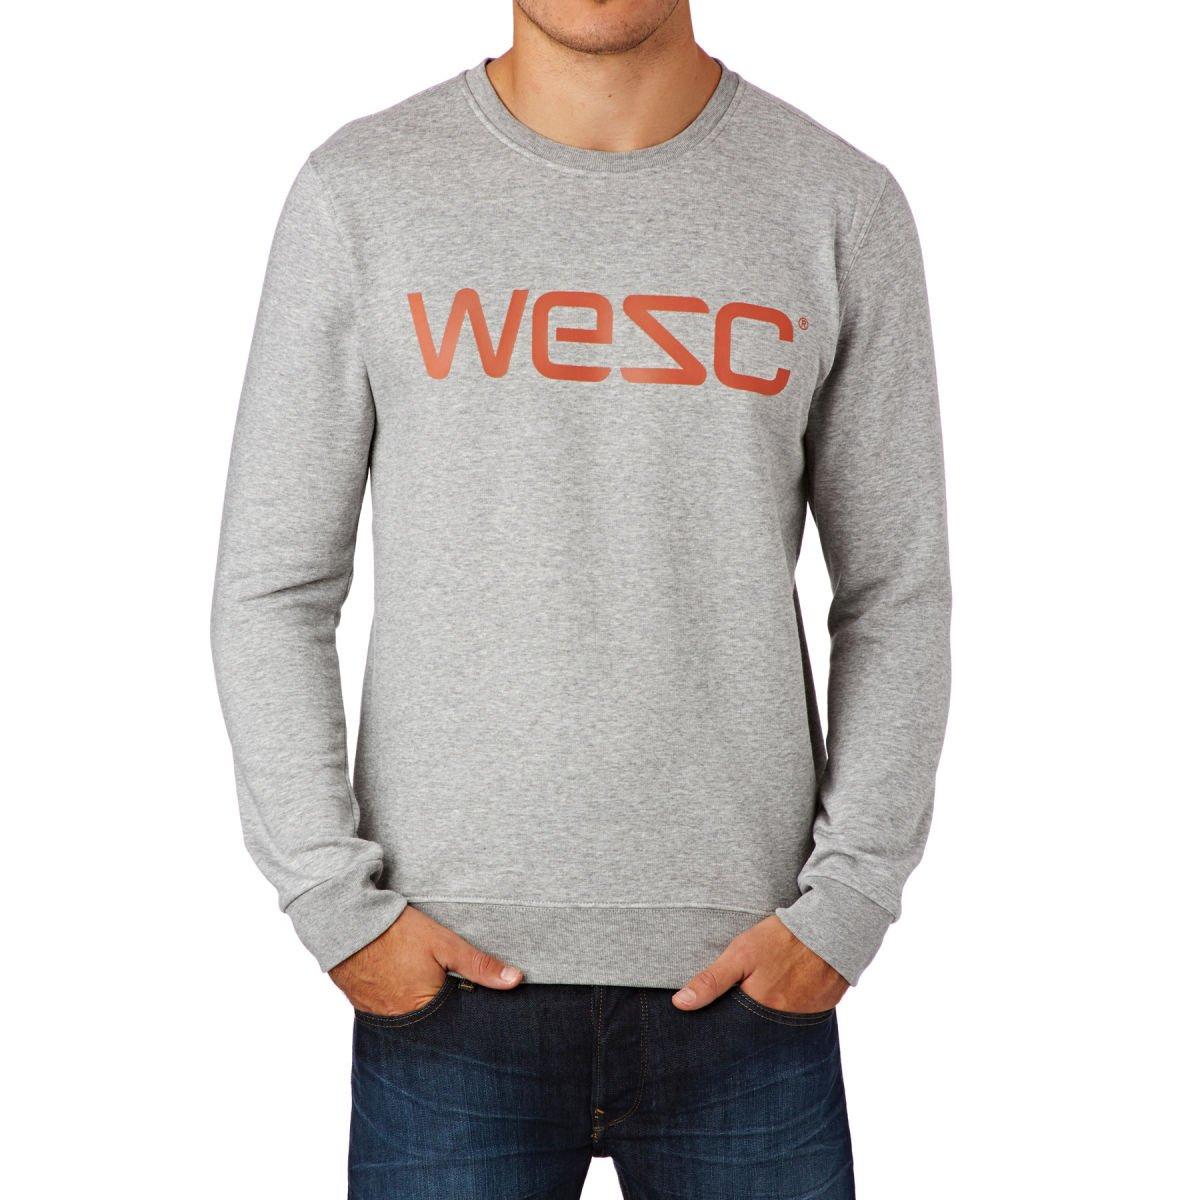 WESC - Sudadera para Hombre, Hombre, Sweatshirt, Gris, L: Amazon.es: Deportes y aire libre